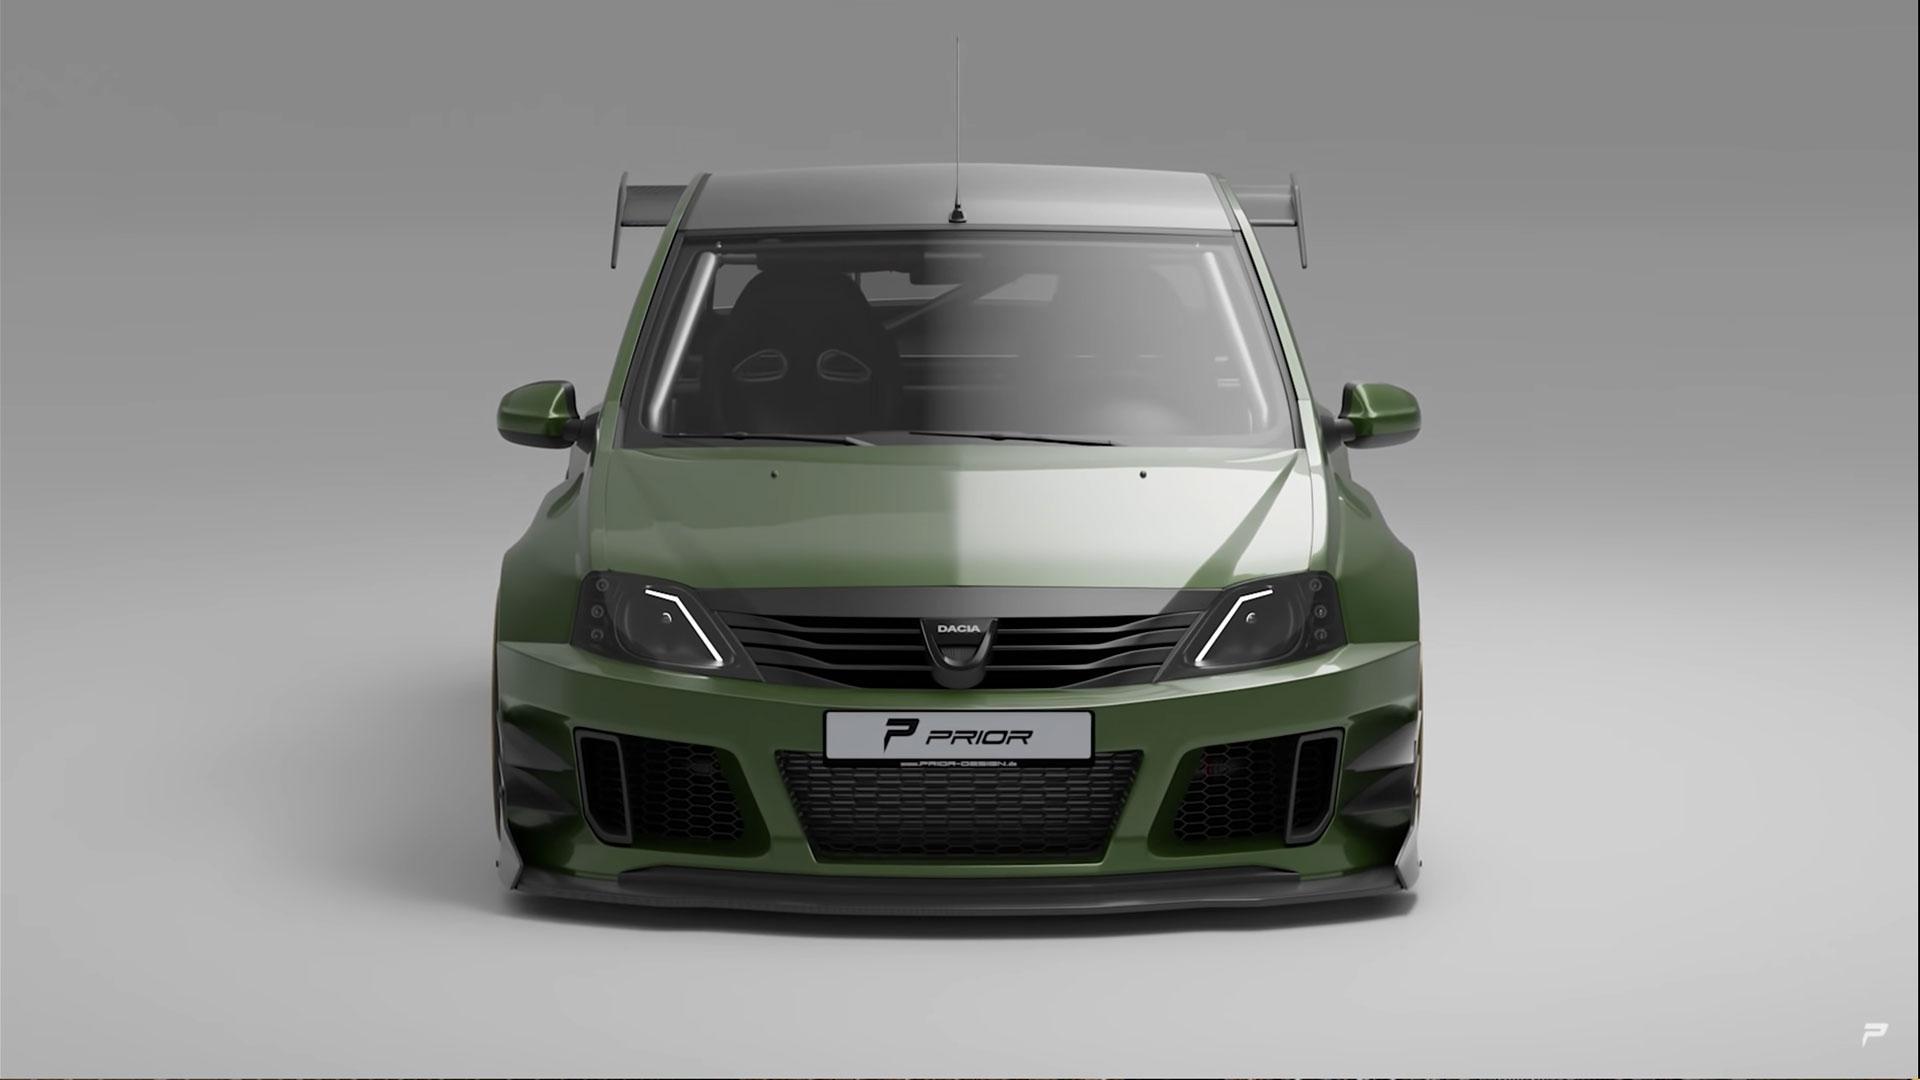 Prior Dacia Logan